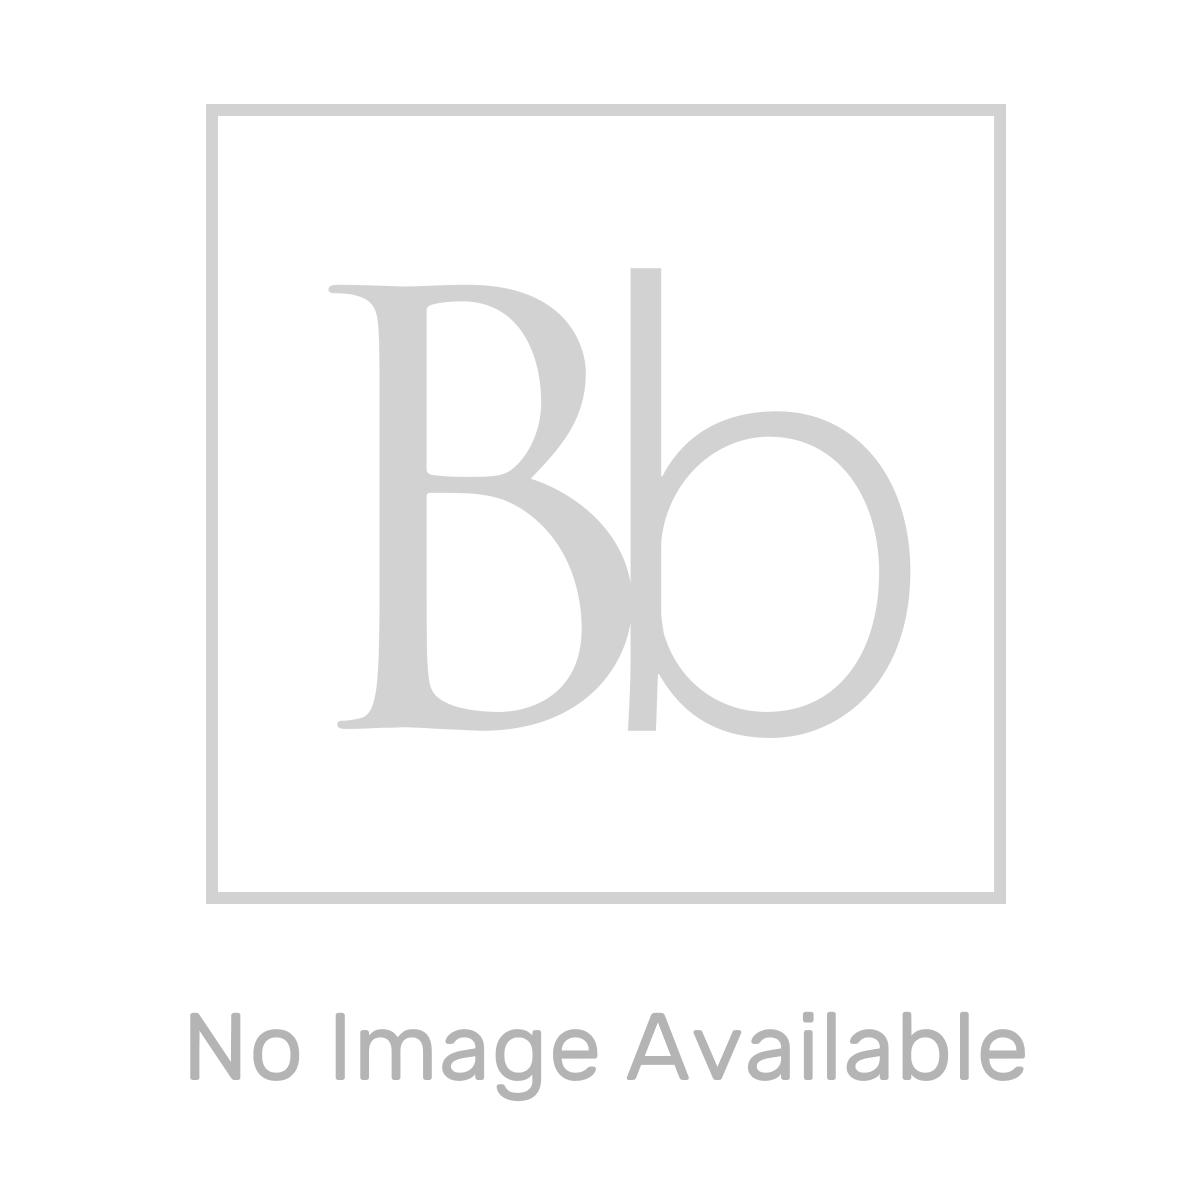 Nuie Athena Stone Grey 2 Door Floor Standing Vanity Unit with 18mm Profile Basin 600mm